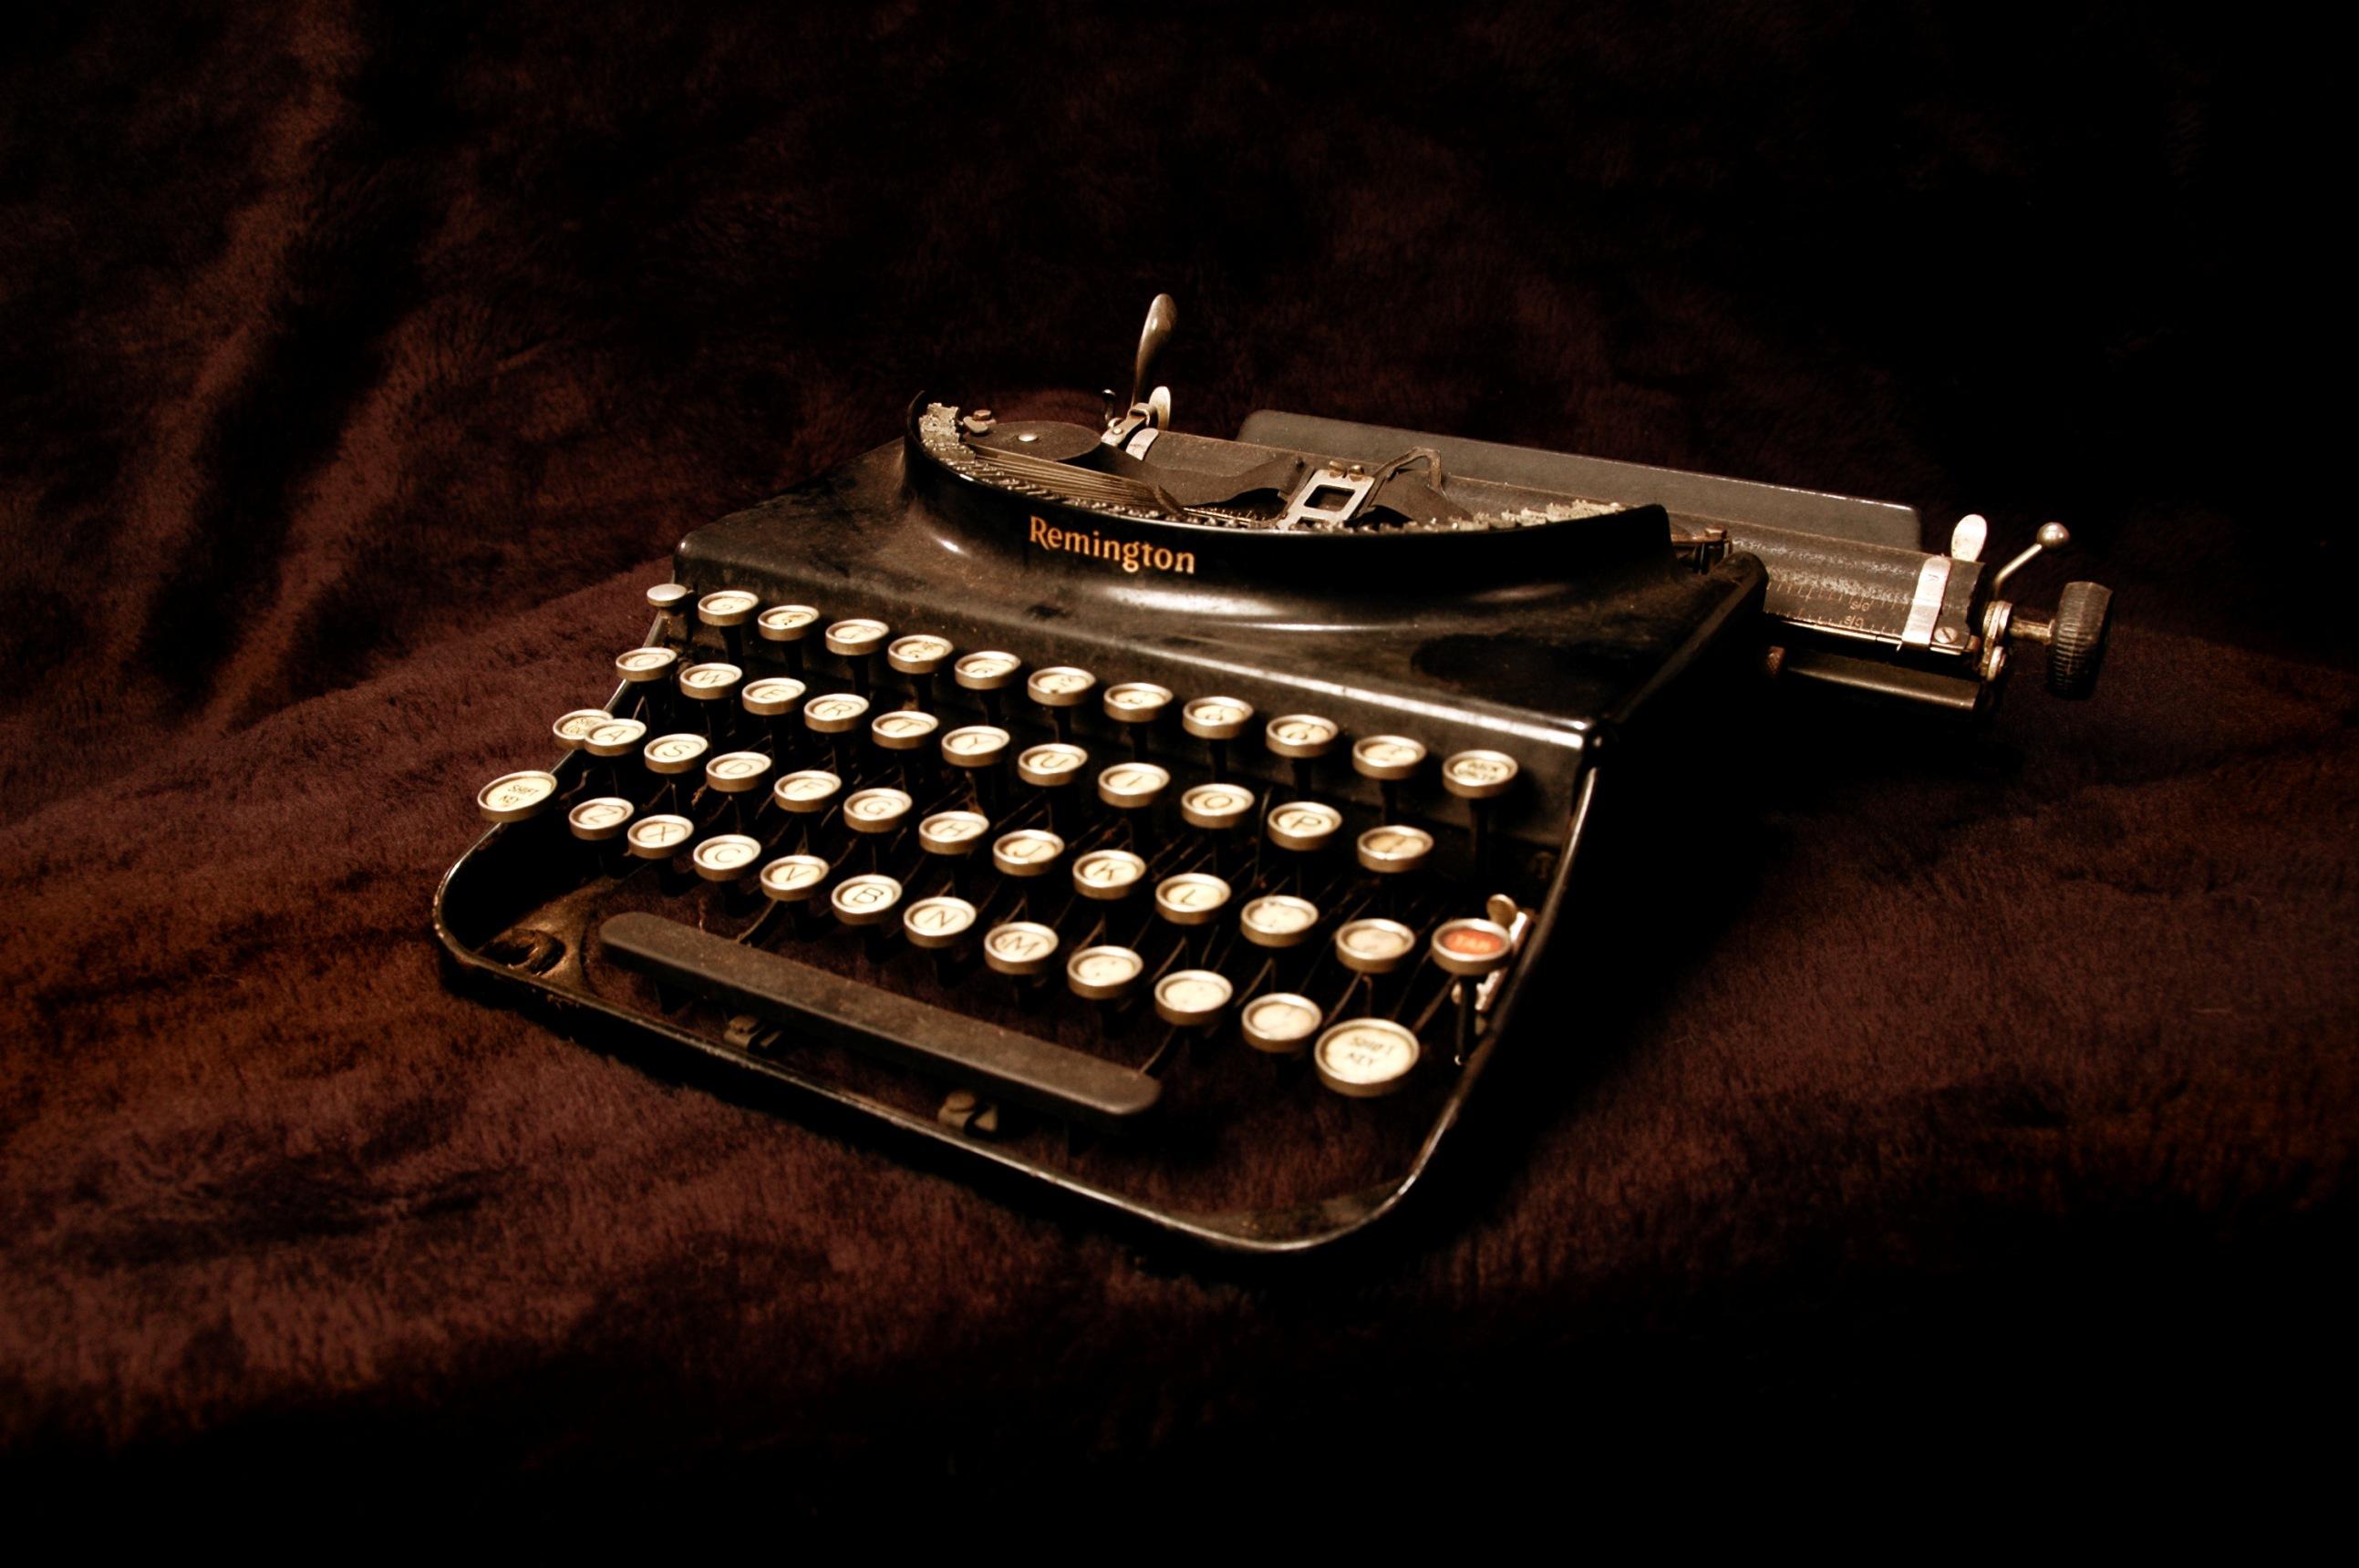 Old typewriter wallpaper